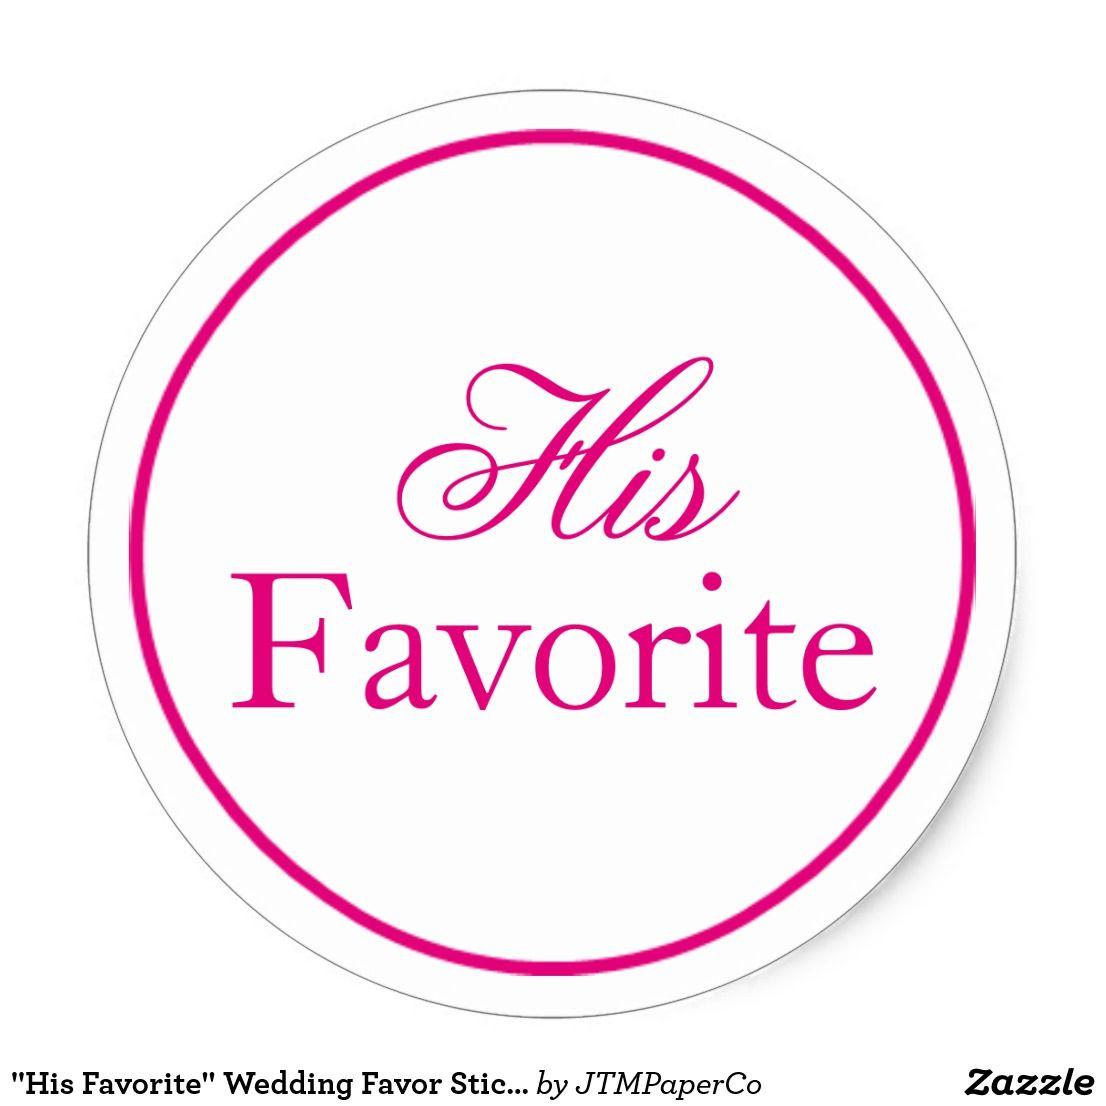 His Favorite\